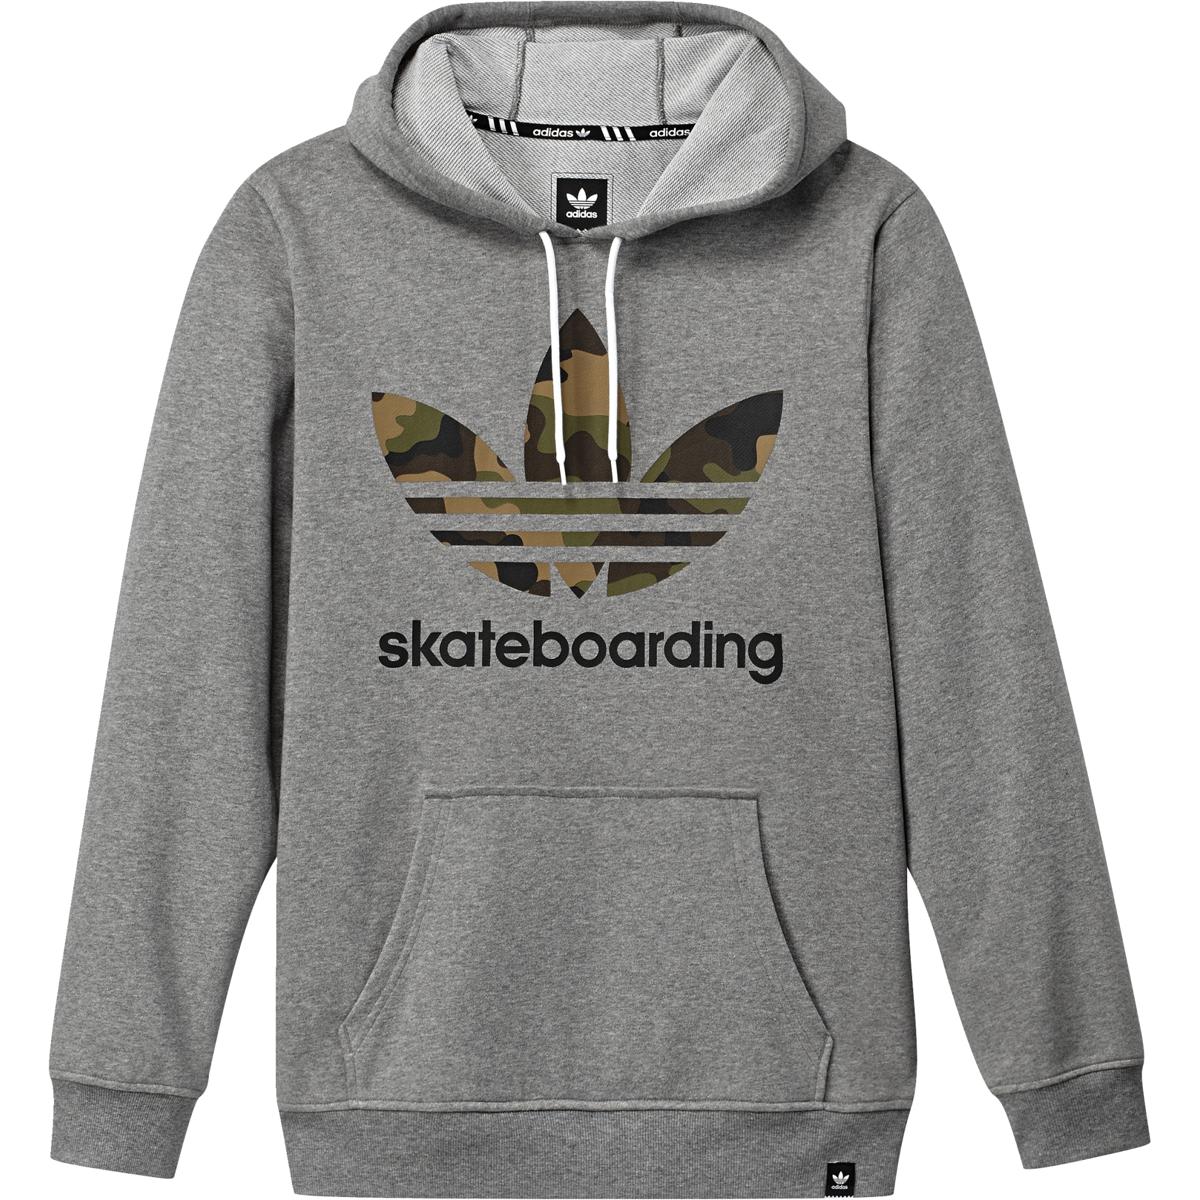 tanie jak barszcz nowy produkt styl mody Bluza Adidas skateboarding core heather/black/craf